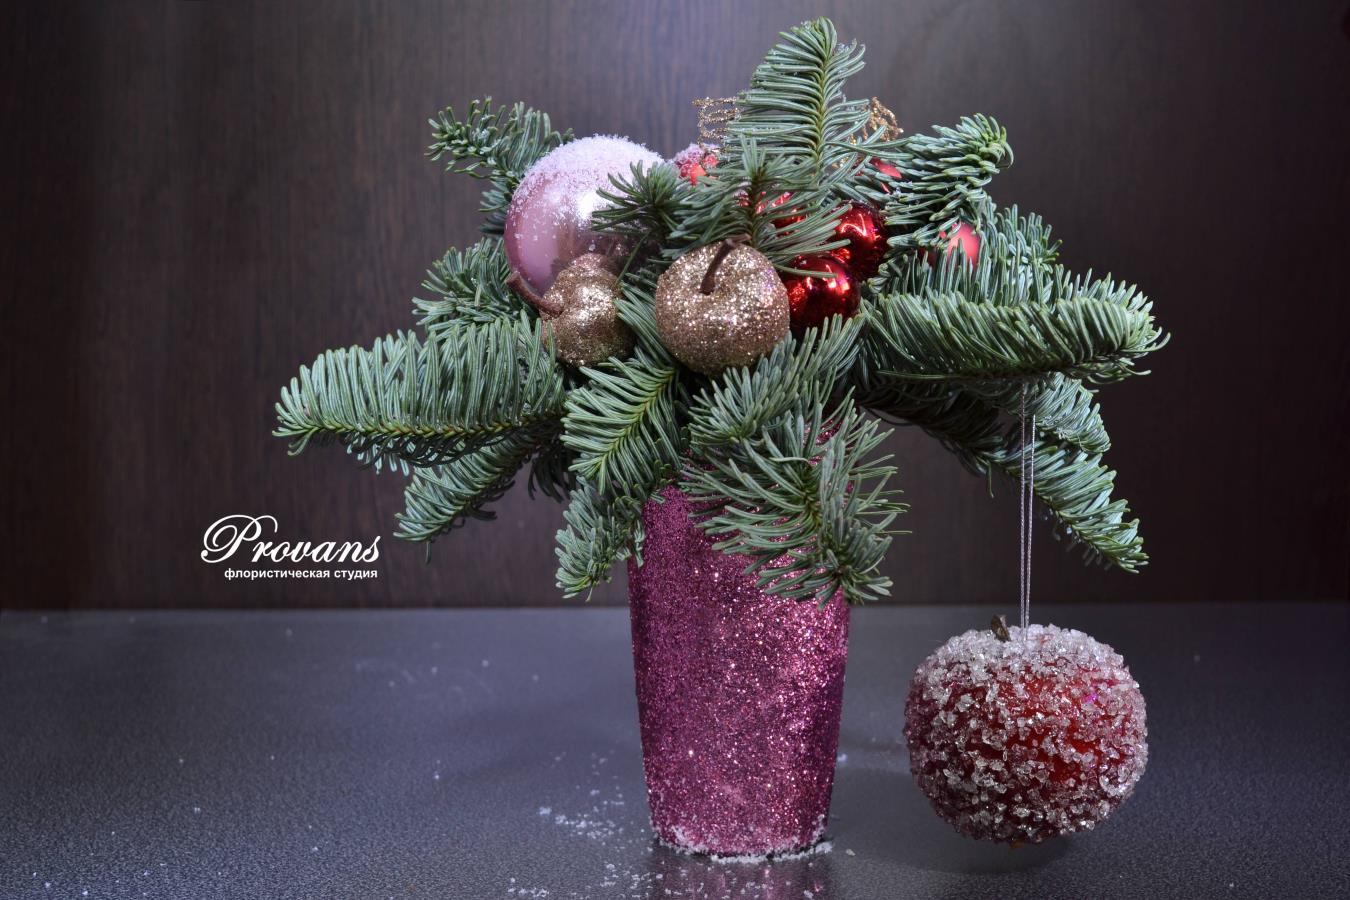 Рождественские скидки. Новогодние композиции и подарки